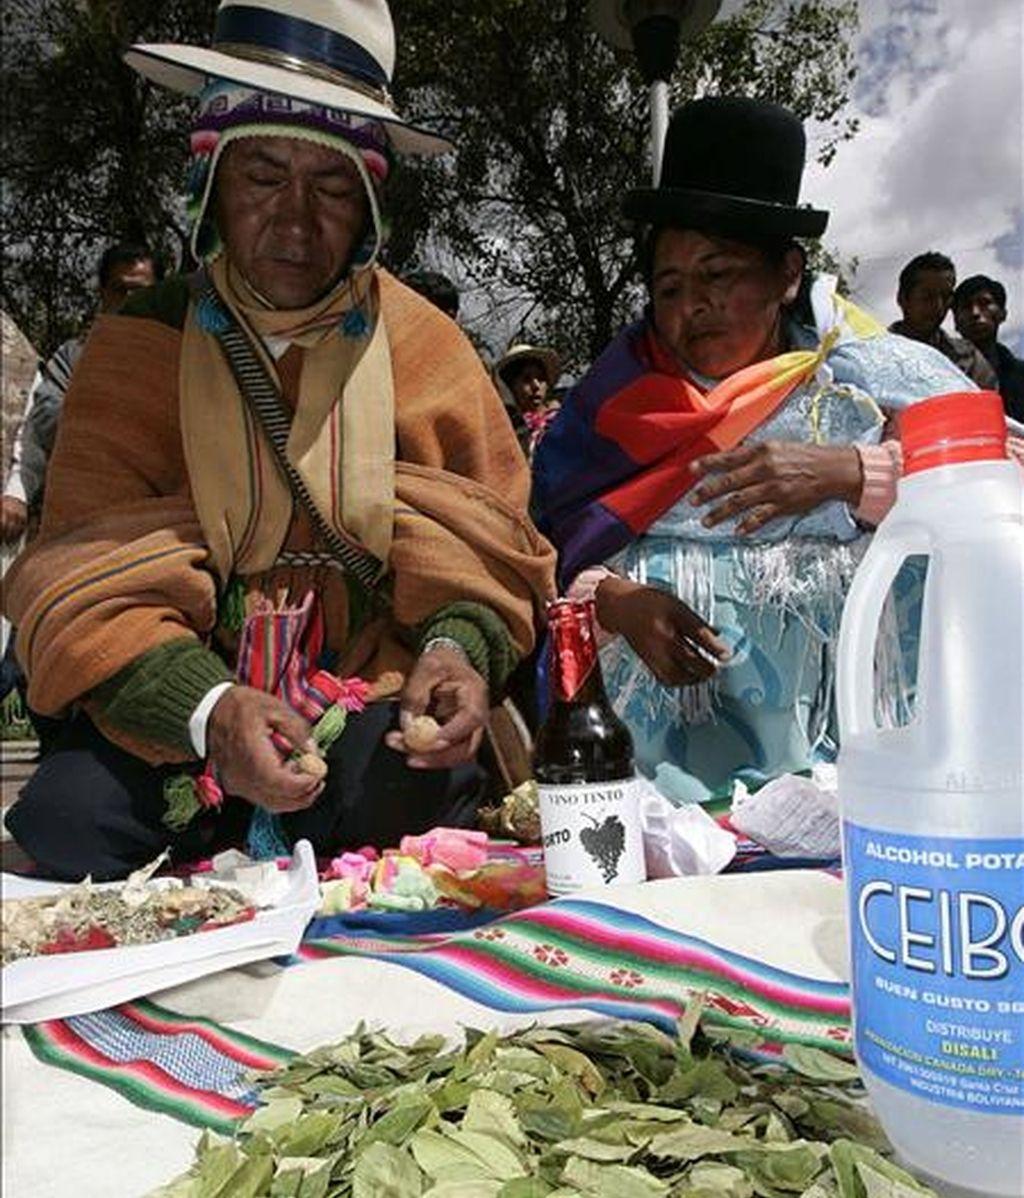 El Gobierno boliviano también considera necesario modificar la ley del Régimen de la Coca y Sustancias Controladas, a fin de evitar el incremento de las plantaciones en las zonas consideradas tradicionales. EFE/Archivo